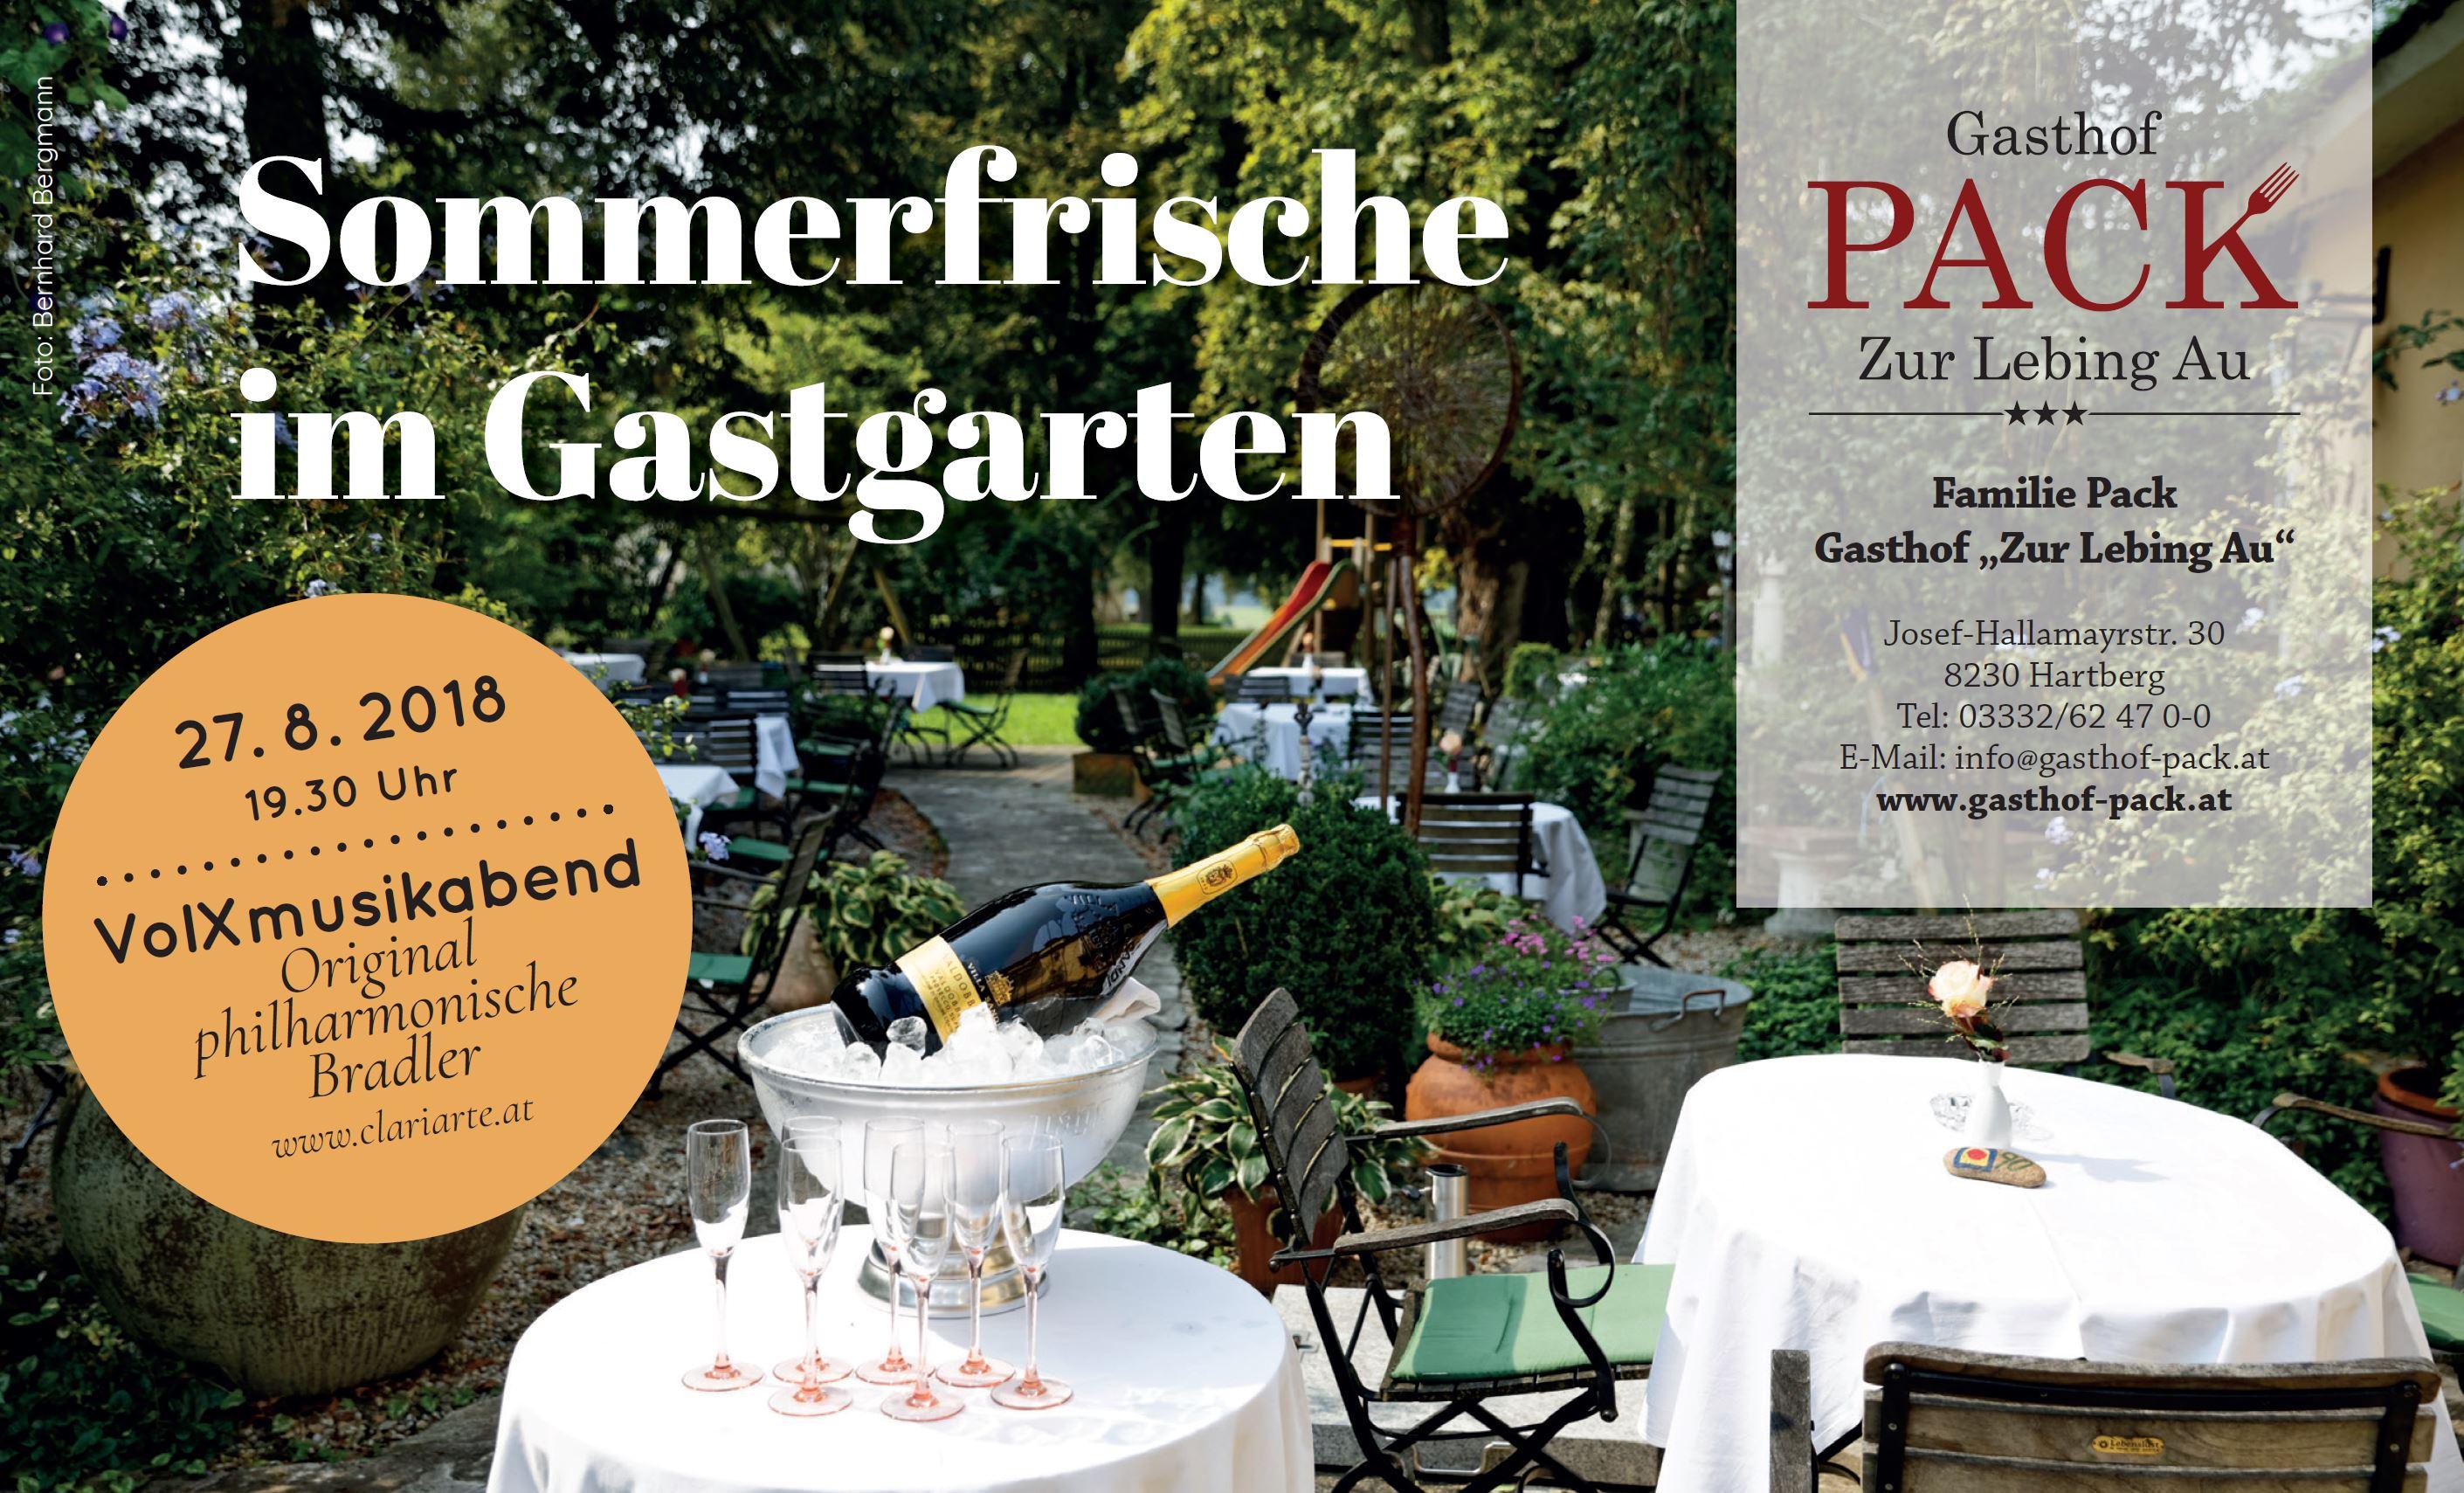 Volxmusikabend_Original philharmonische Bradler_Gasthof Pack